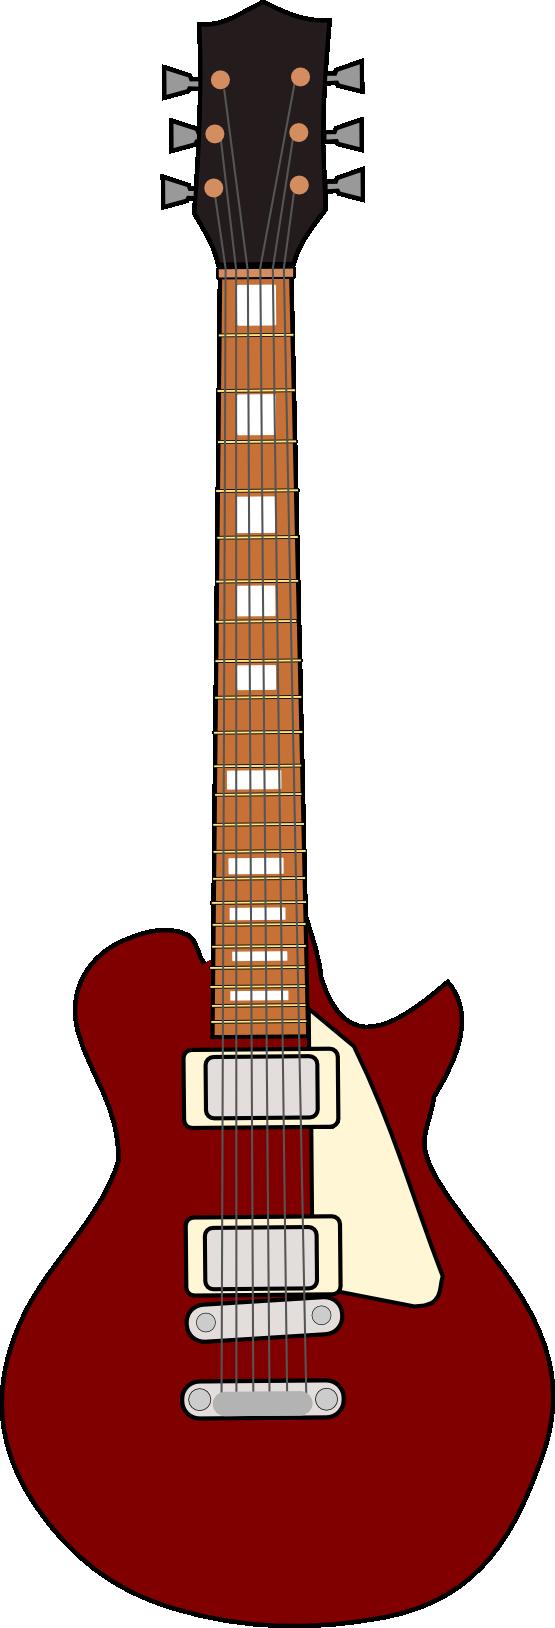 Cute jokingart com download. Guitar clipart red guitar